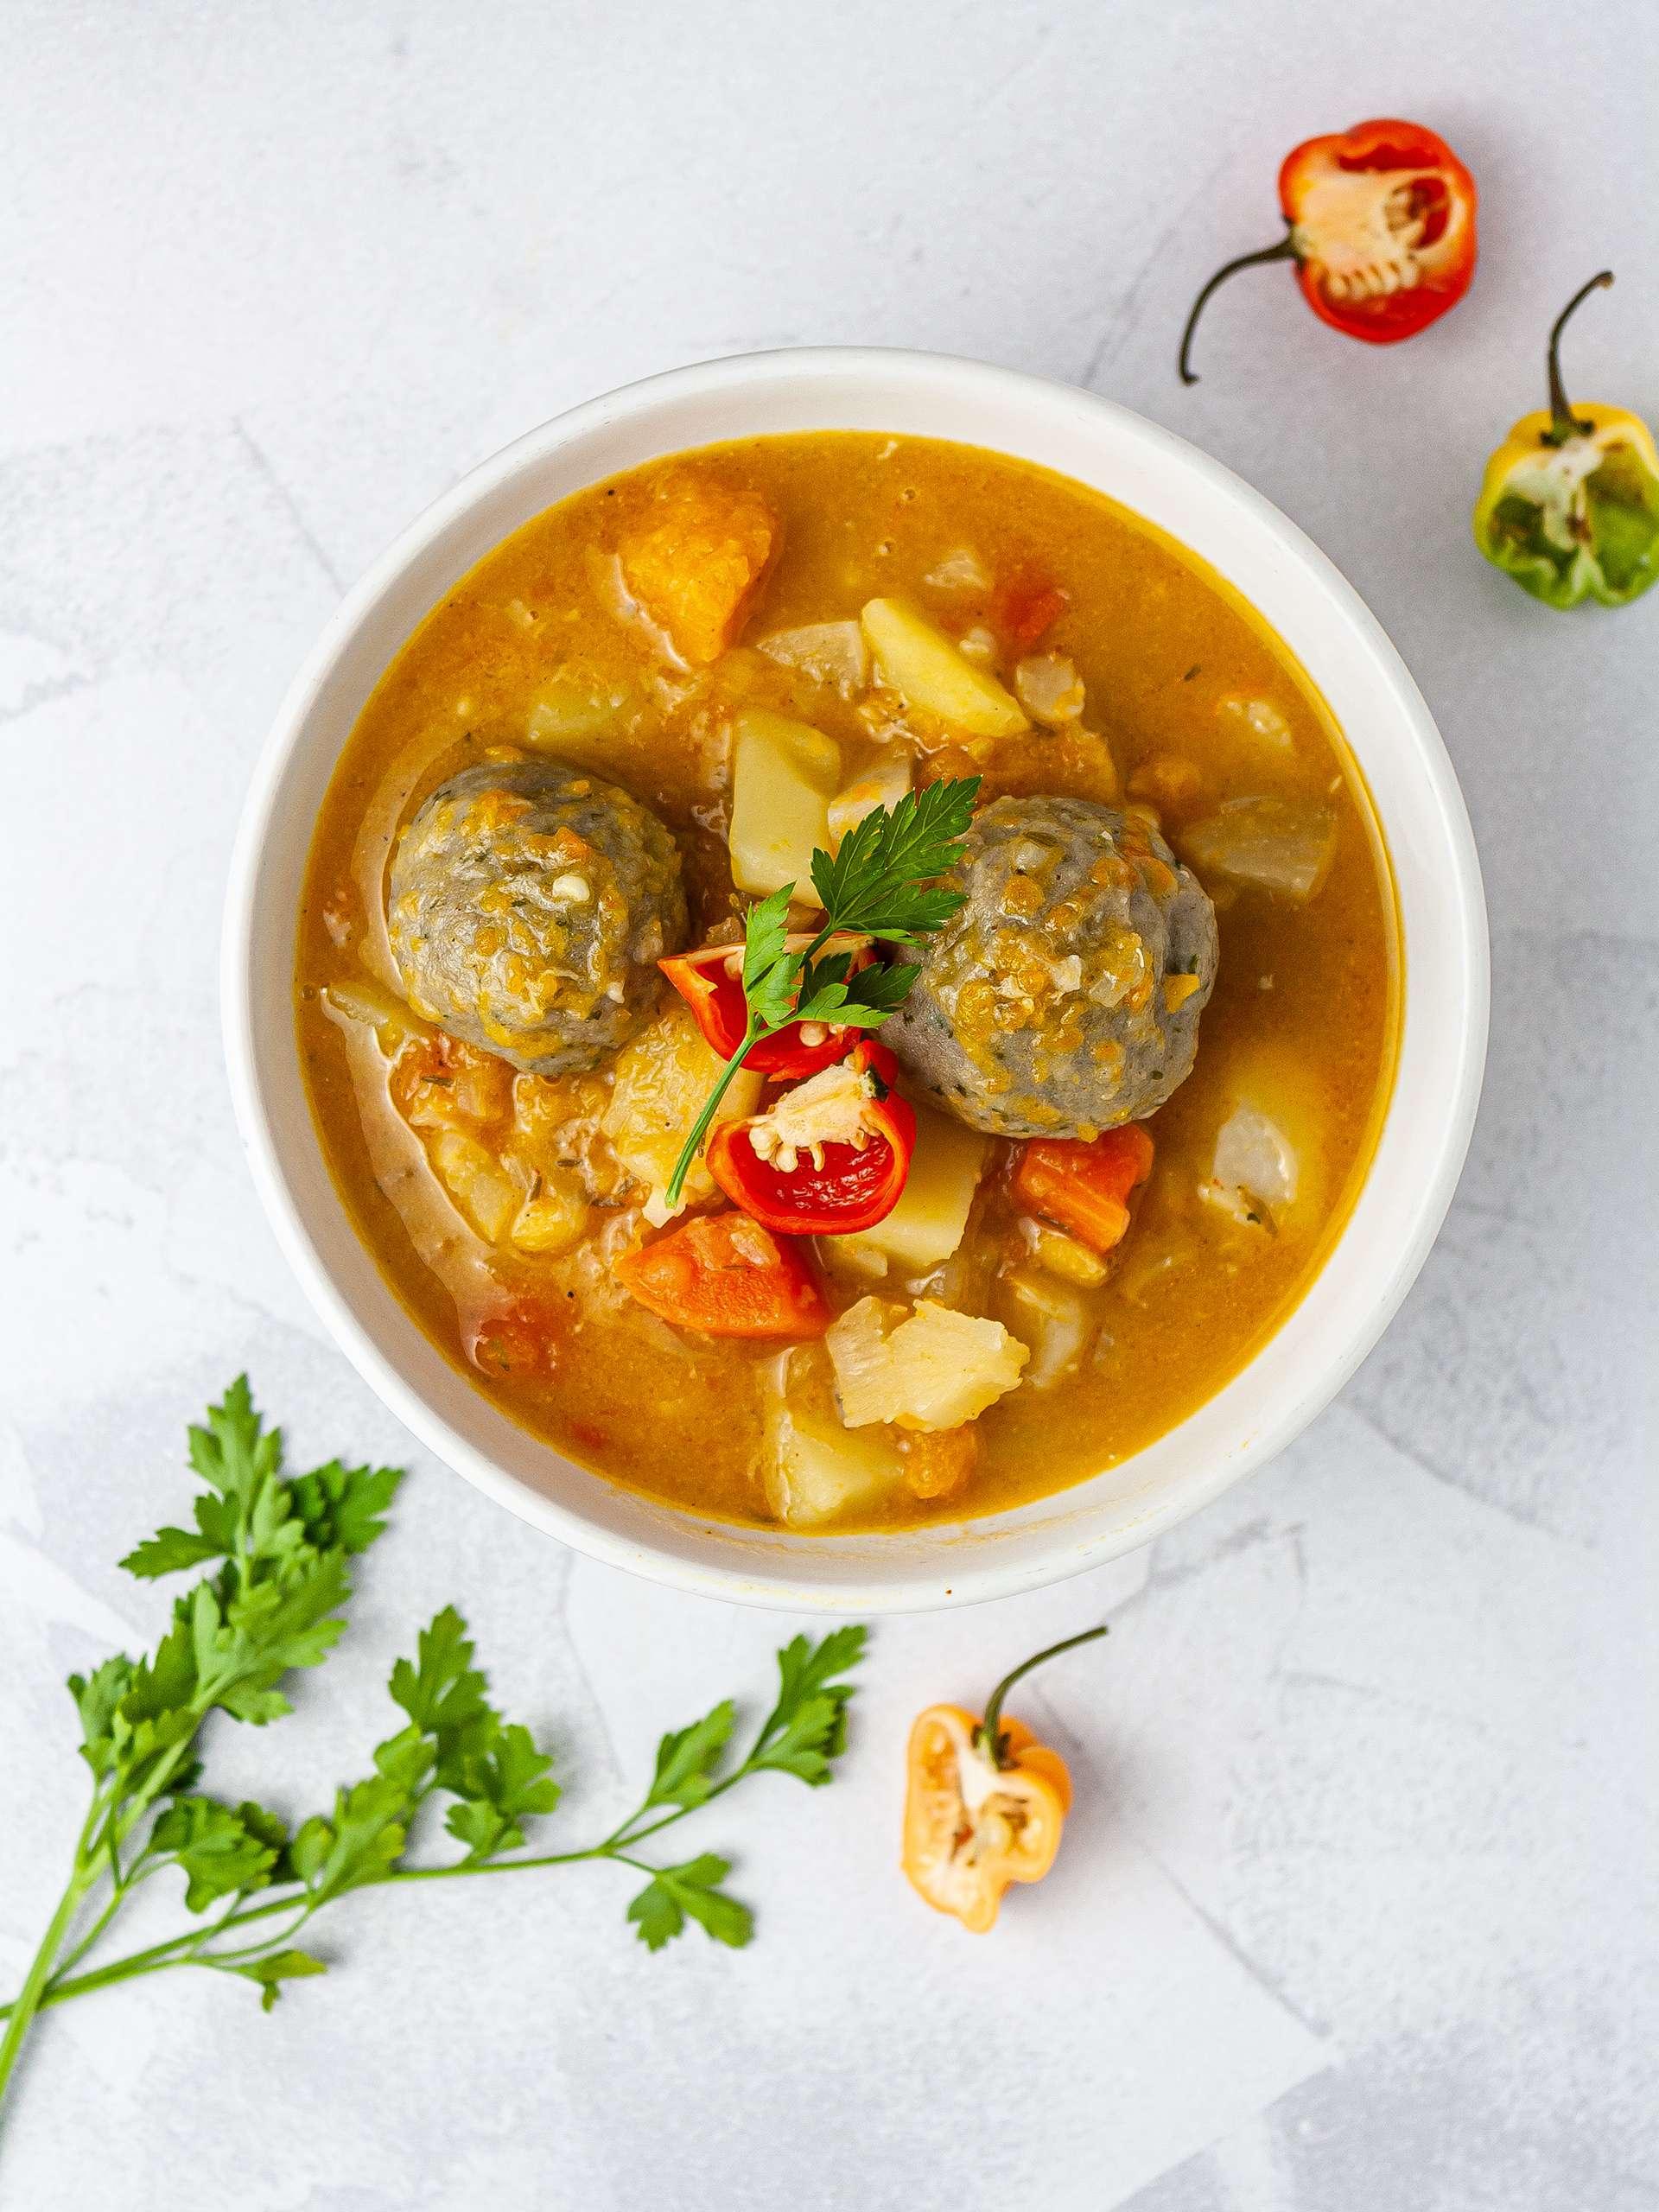 Jamaican vegetable soup with scotch bonnet chillies.